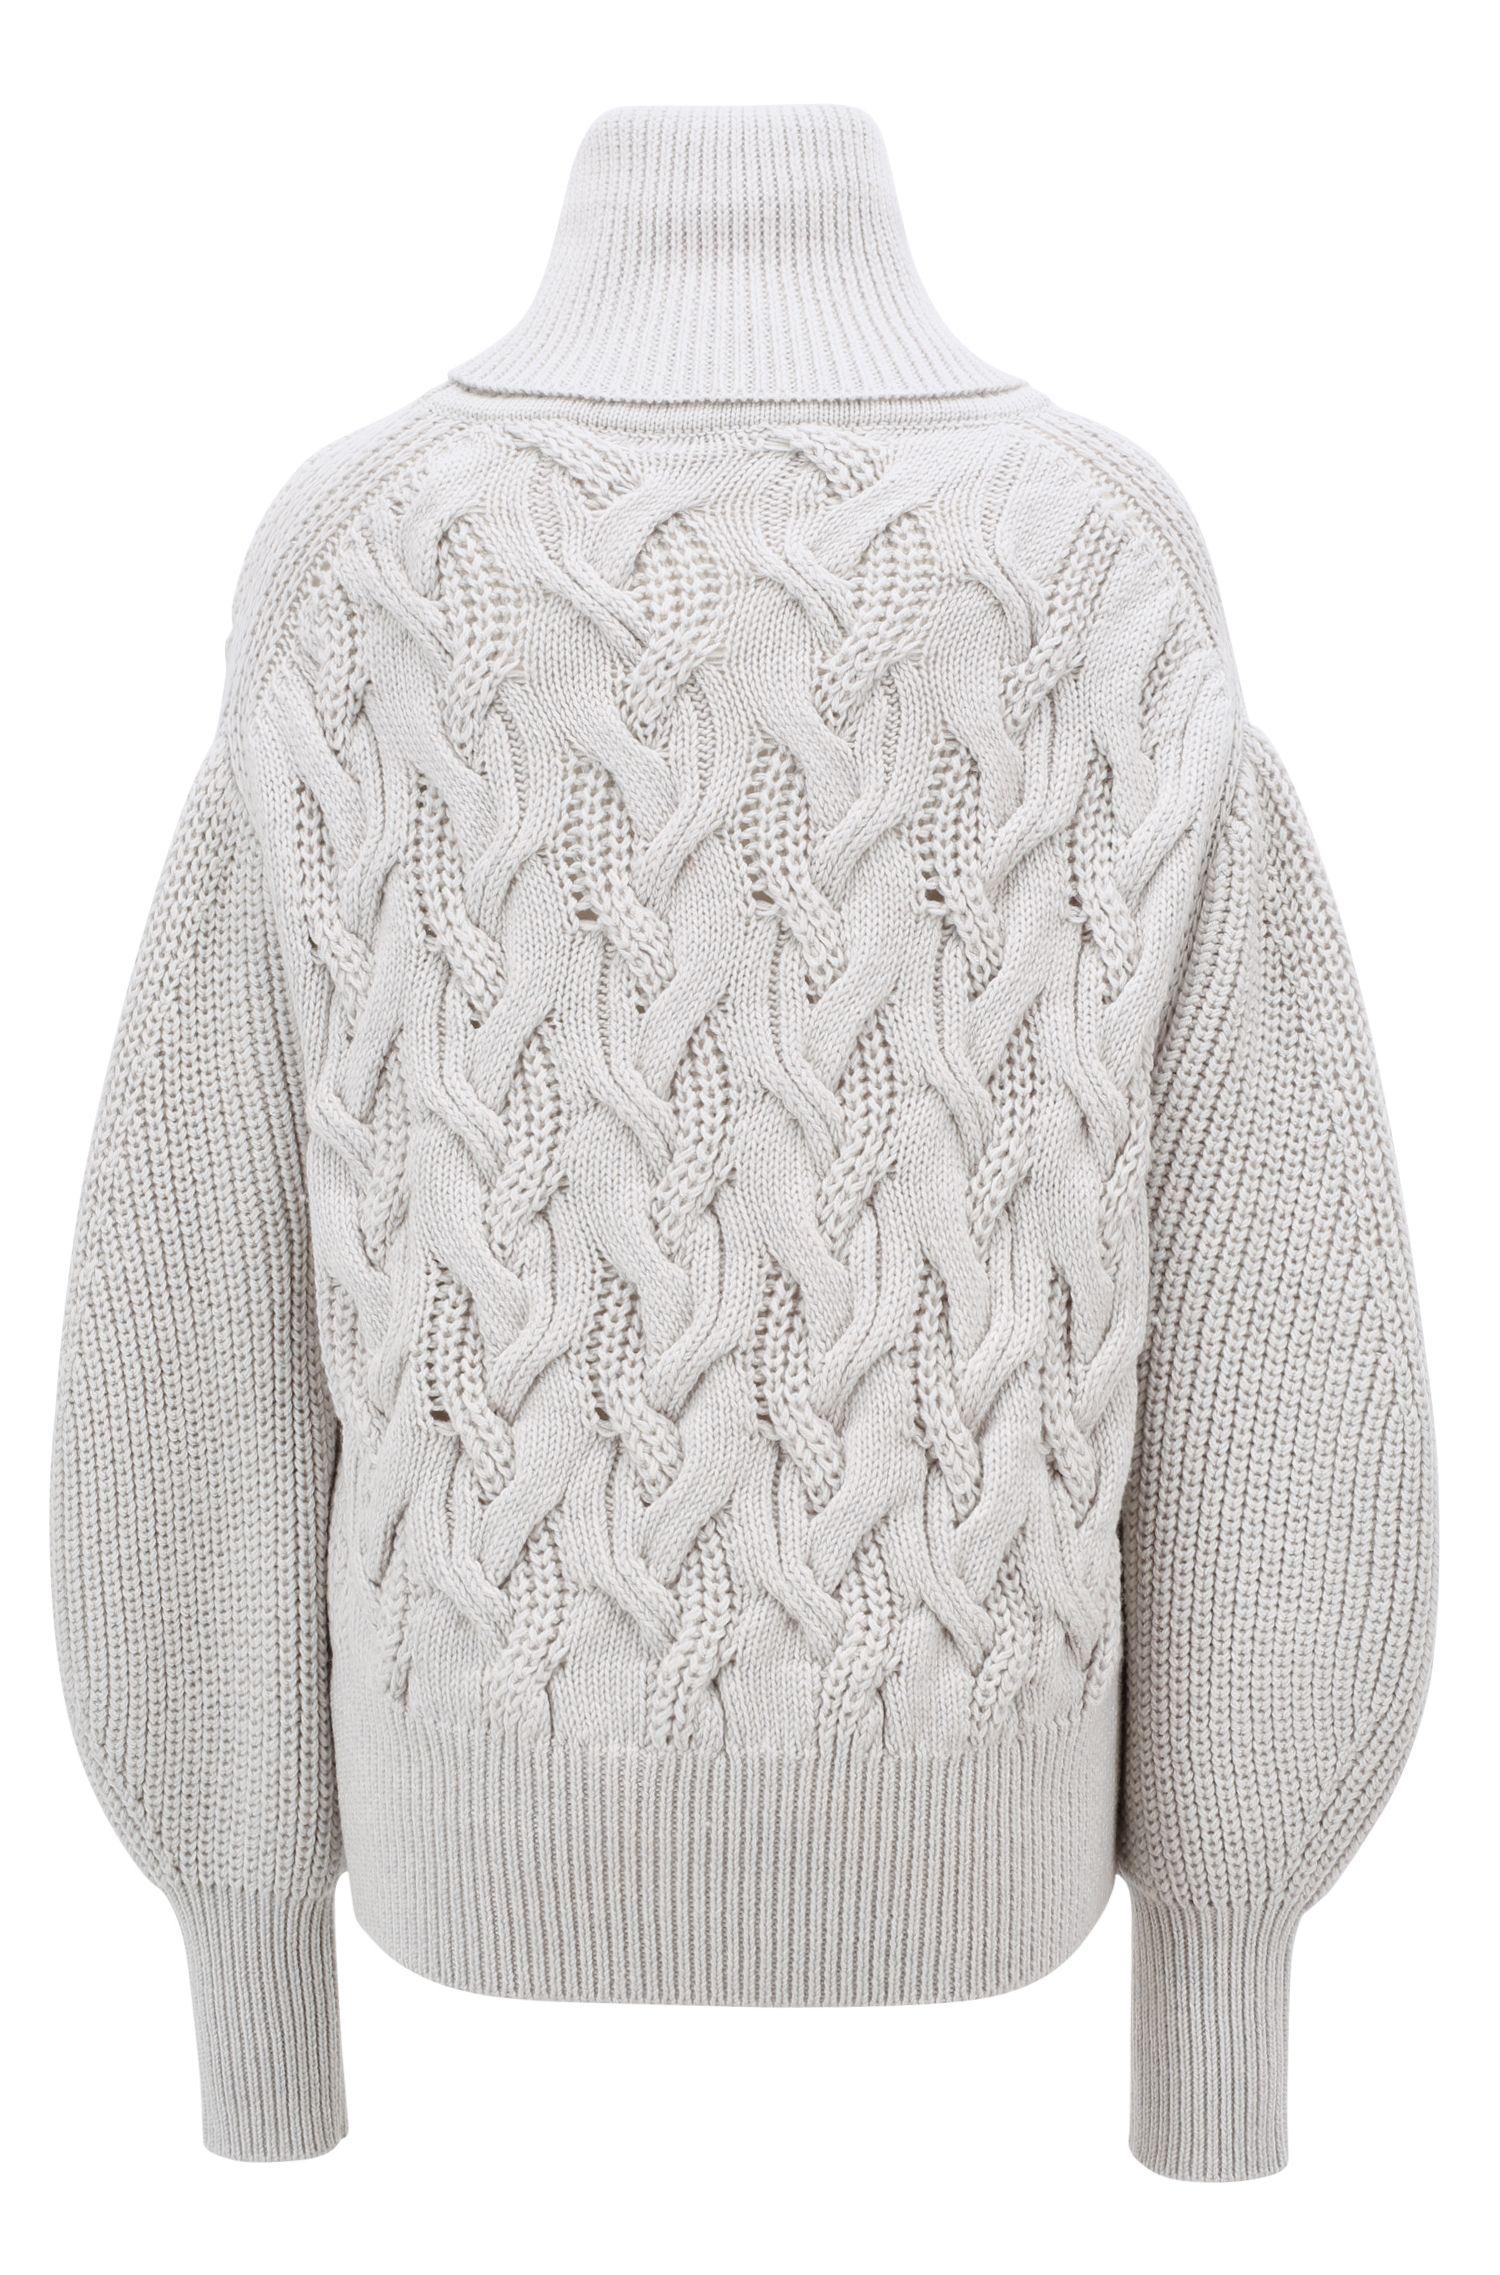 Relaxed-fit turtleneck sweater in Italian merino wool, Open White